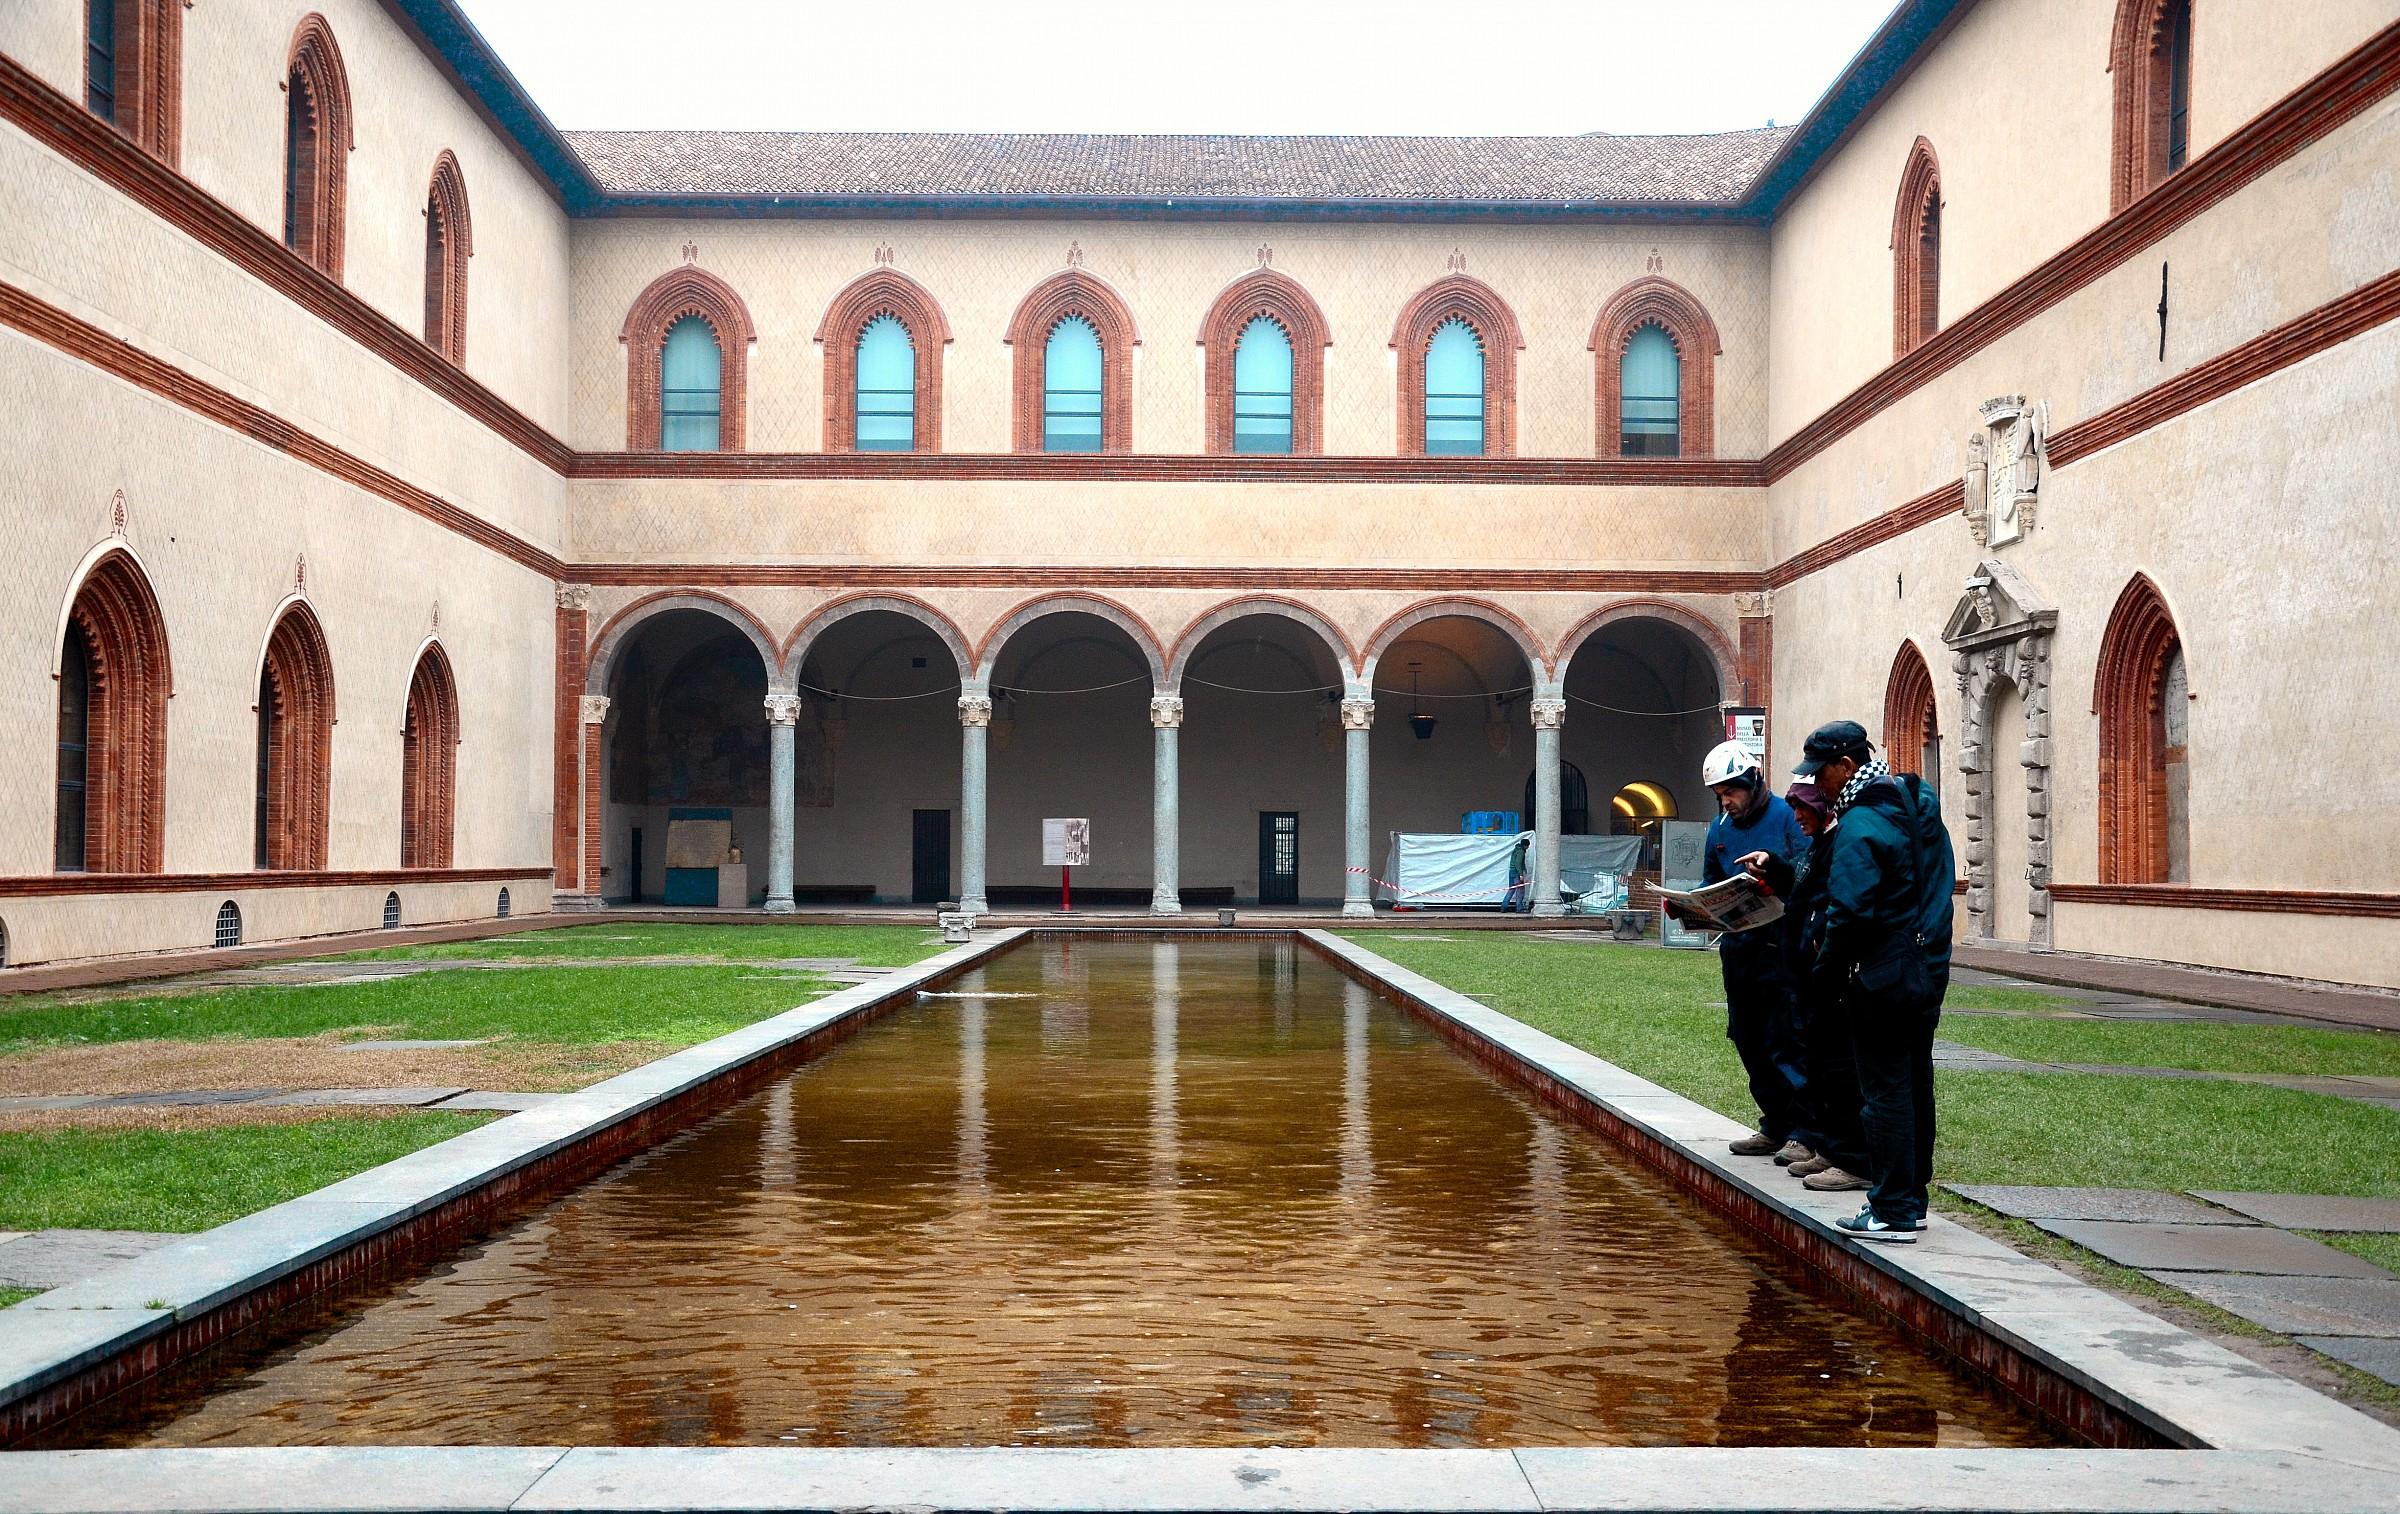 Milano pausa lavoro juzaphoto for Lavoro a milano